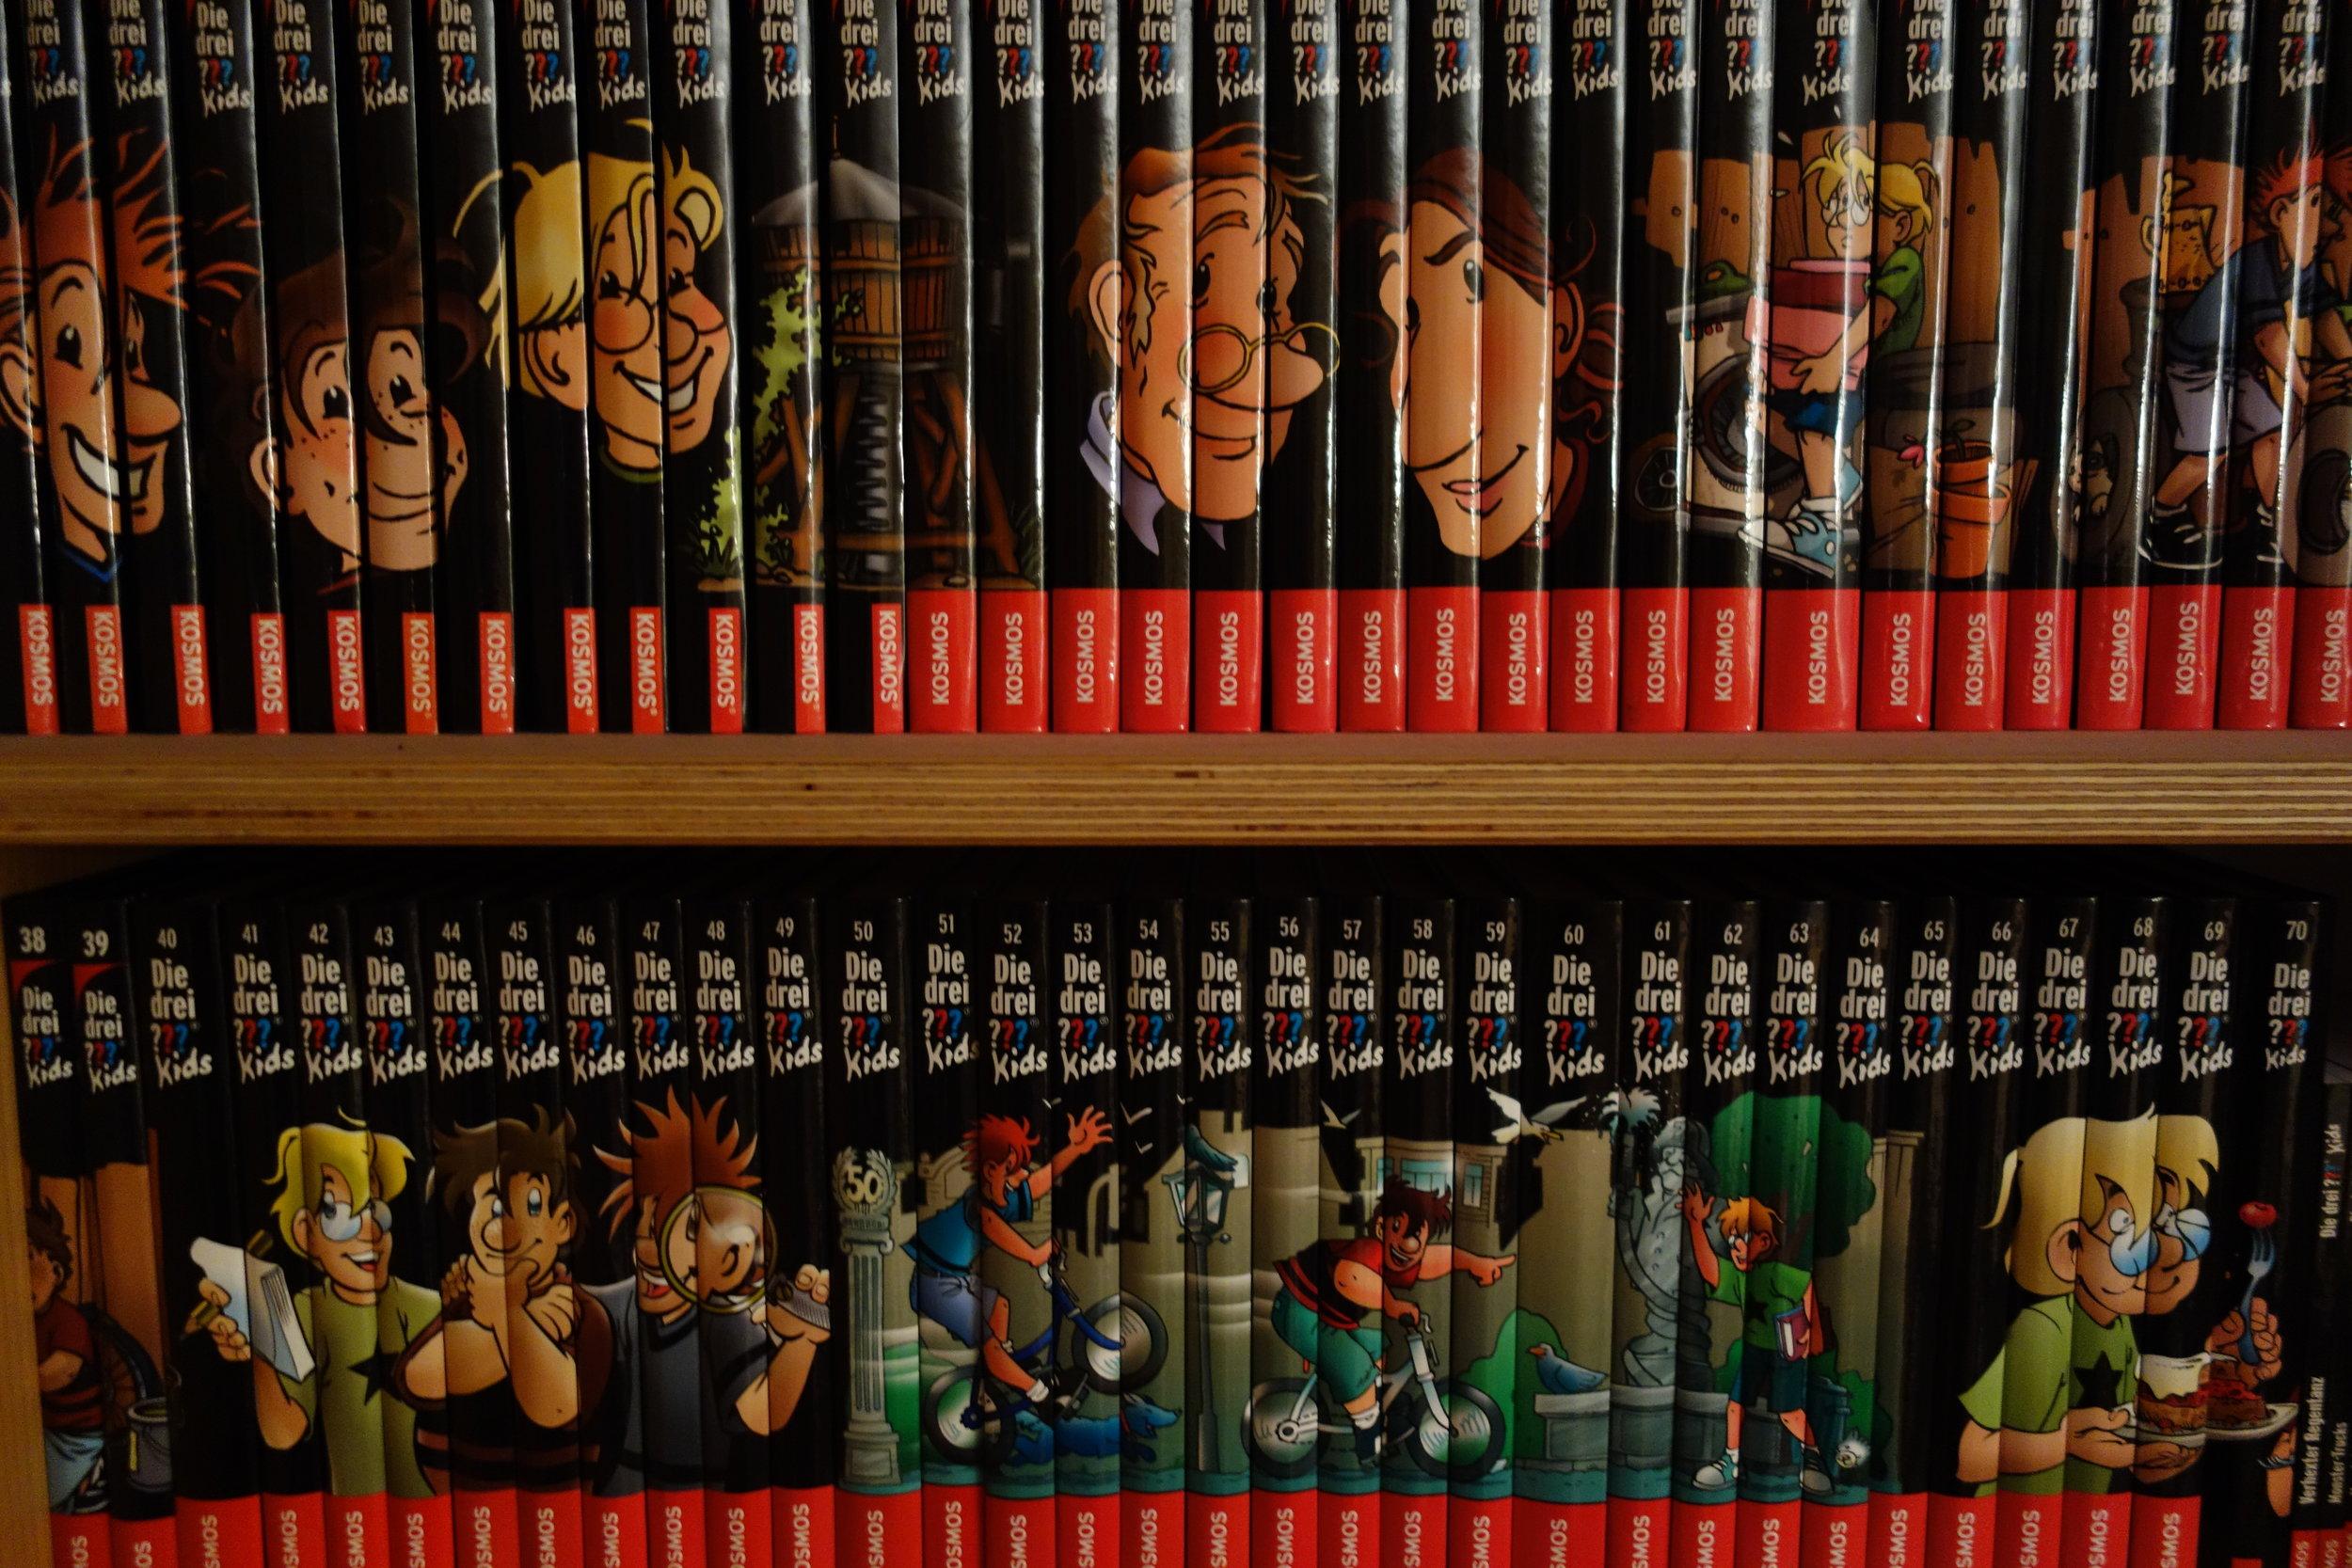 """Die Kinderbuchreihe """"Die drei ??? Kids"""" war eine der ersten, die ein Fortsetzungsbild auf dem Buchrücken einführte. Ein schöner Sammeleffekt!"""